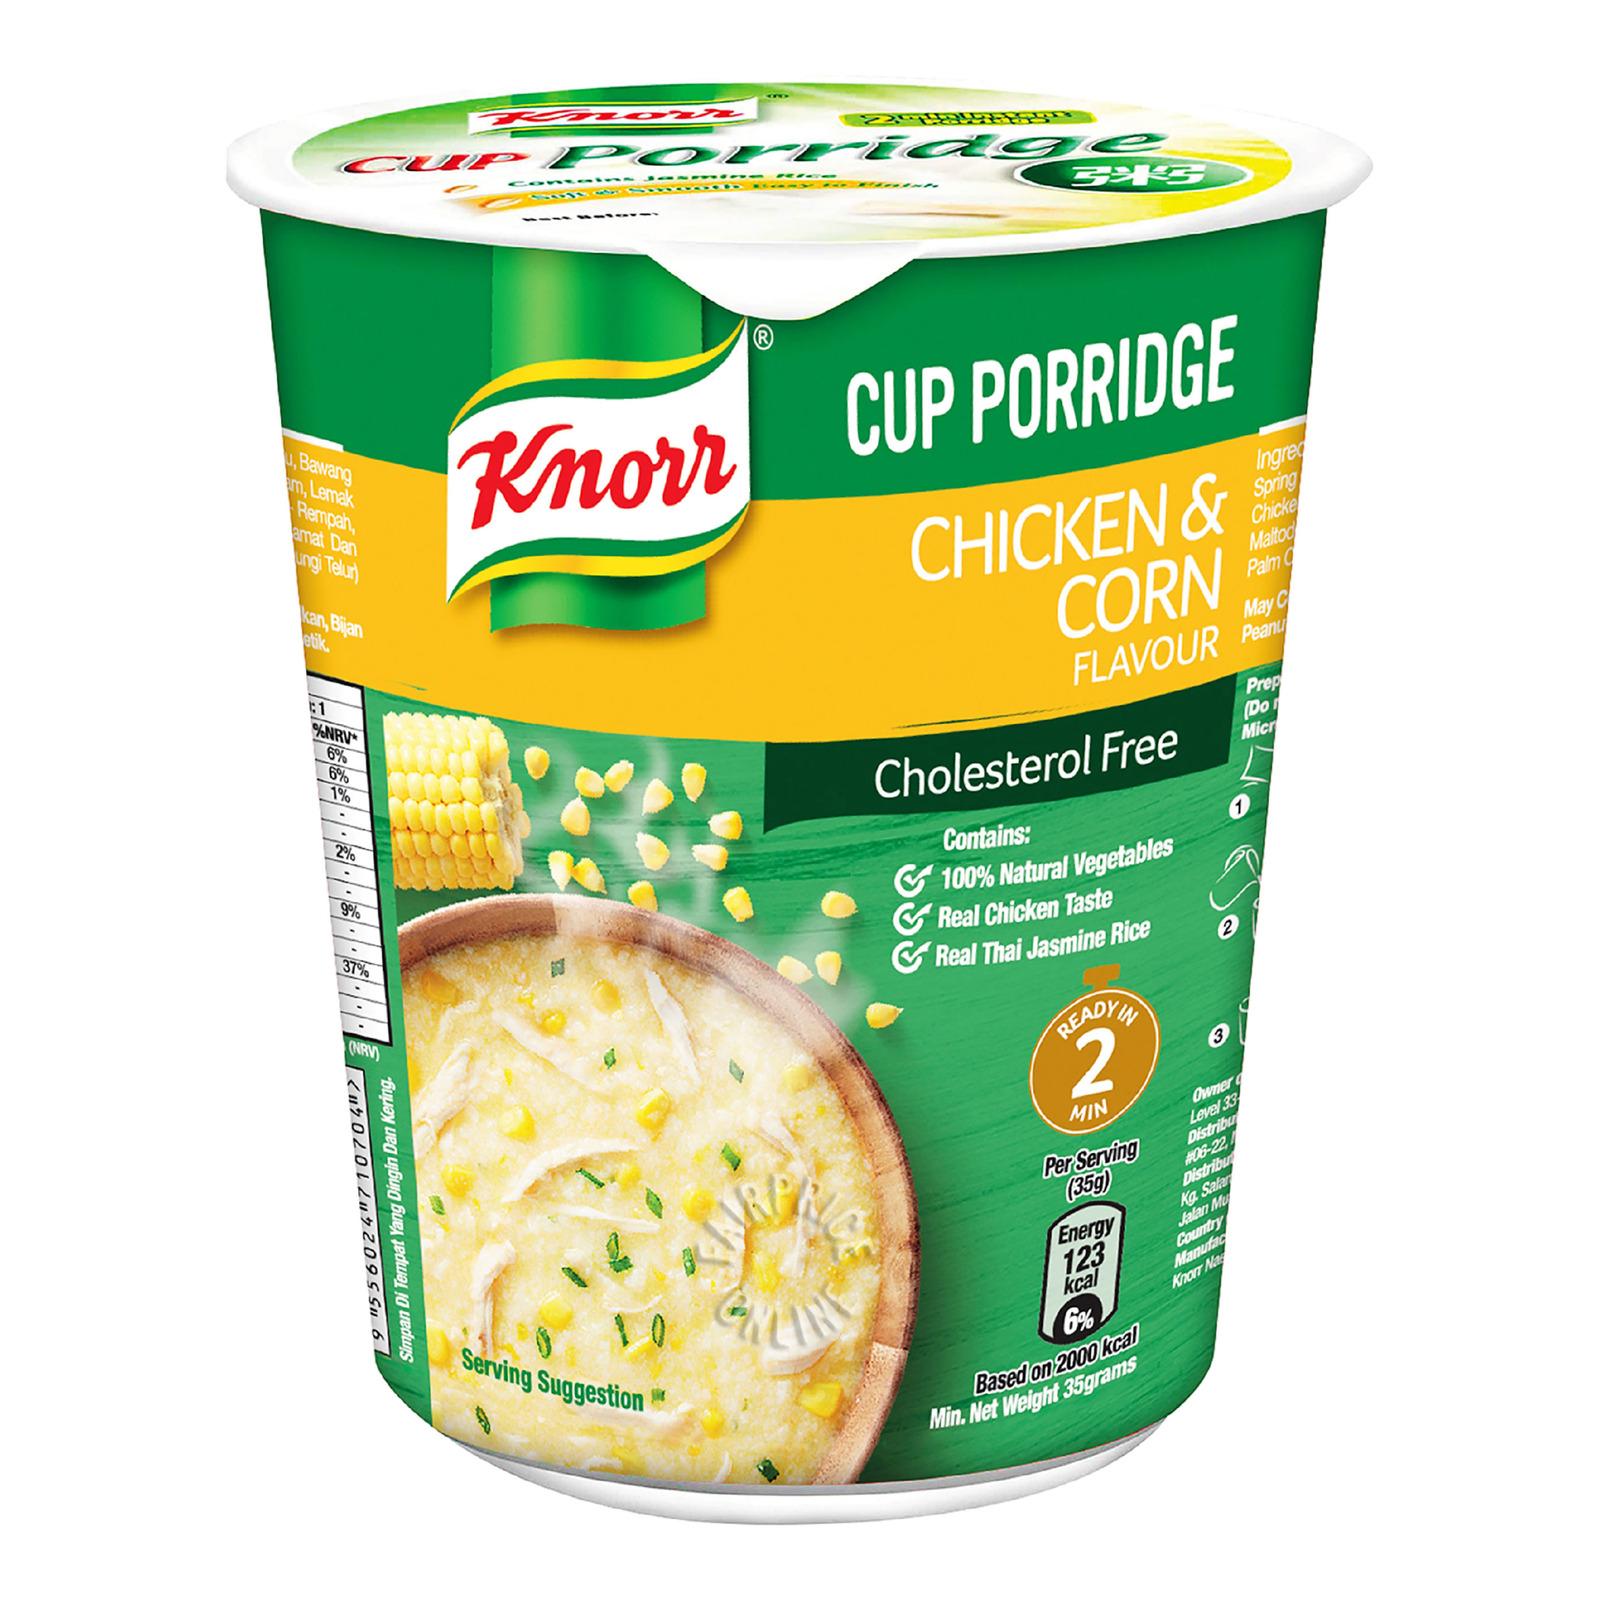 Knorr Instant Cup Porridge - Chicken & Corn